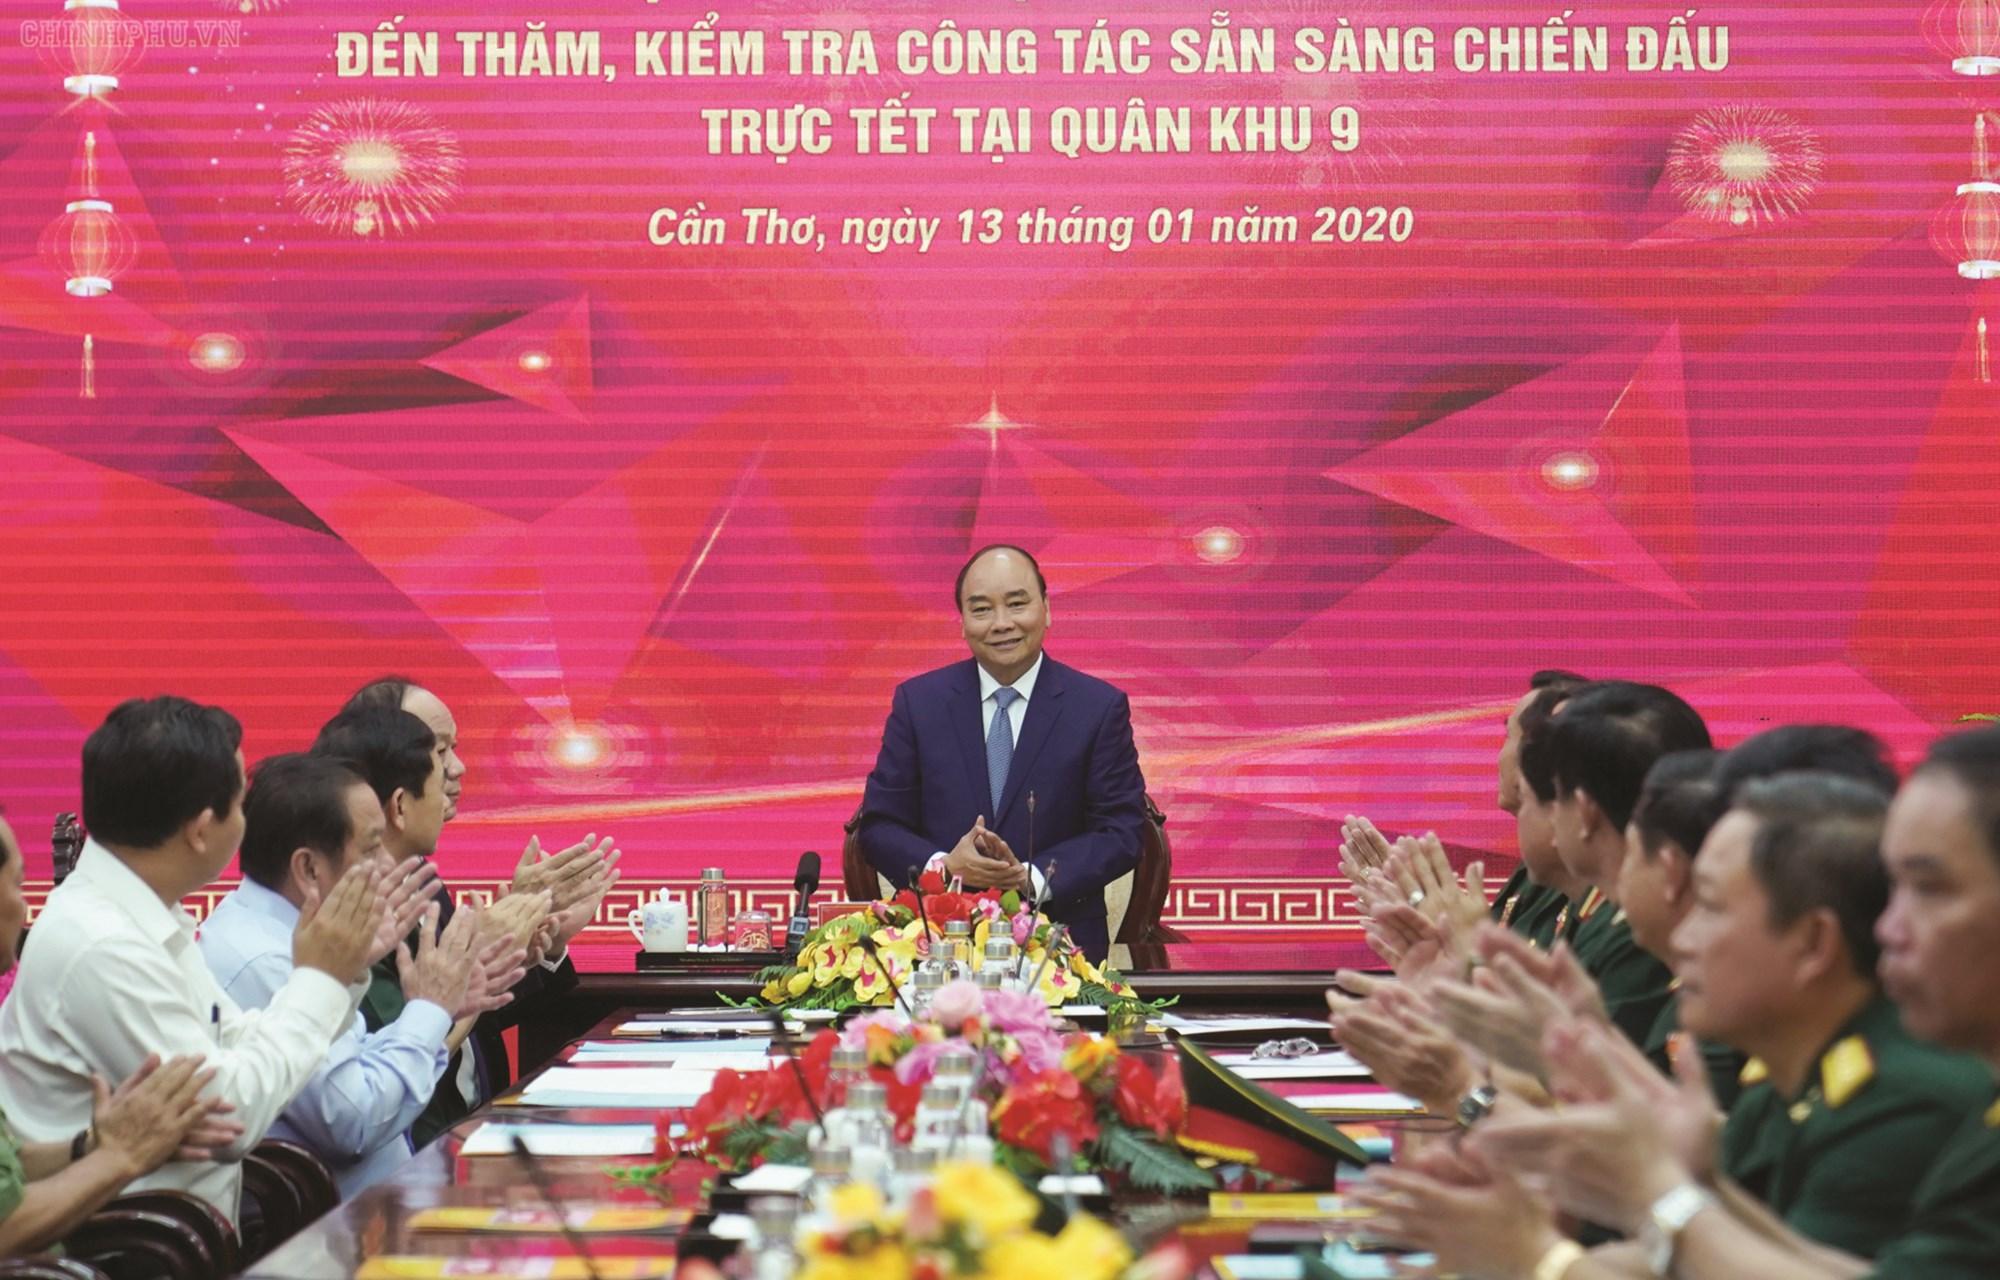 Thủ tướng Nguyễn Xuân Phúc phát biểu tại buổi làm việc với cán bộ, chiến sĩ Quân khu 9